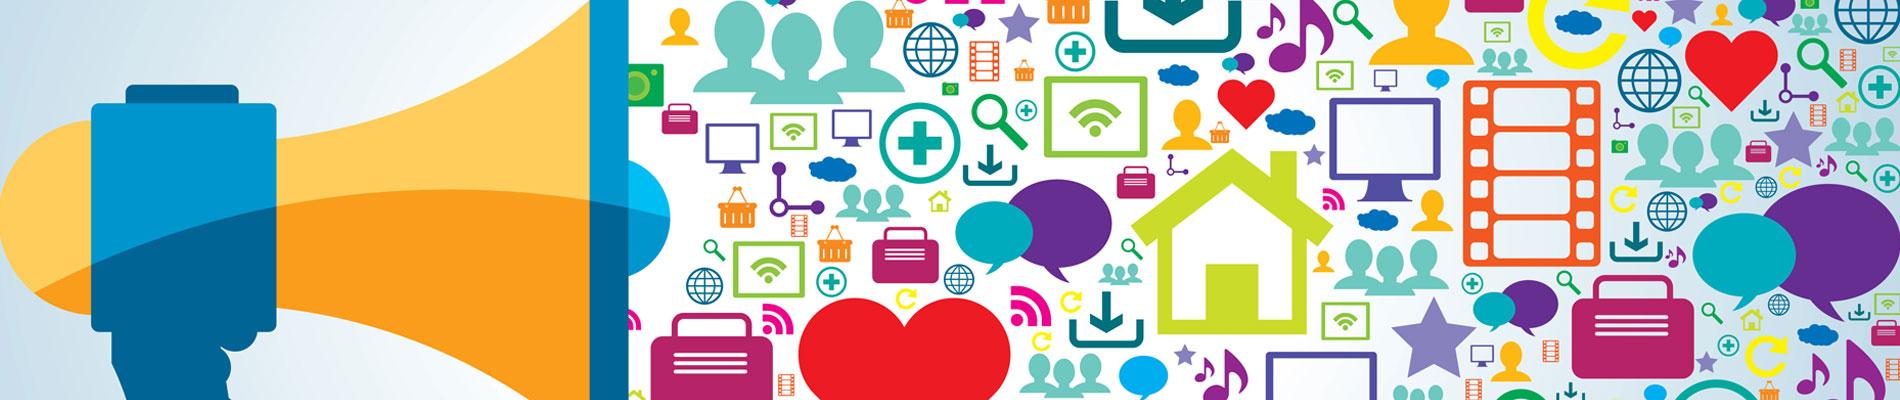 Social-media-Slider-12